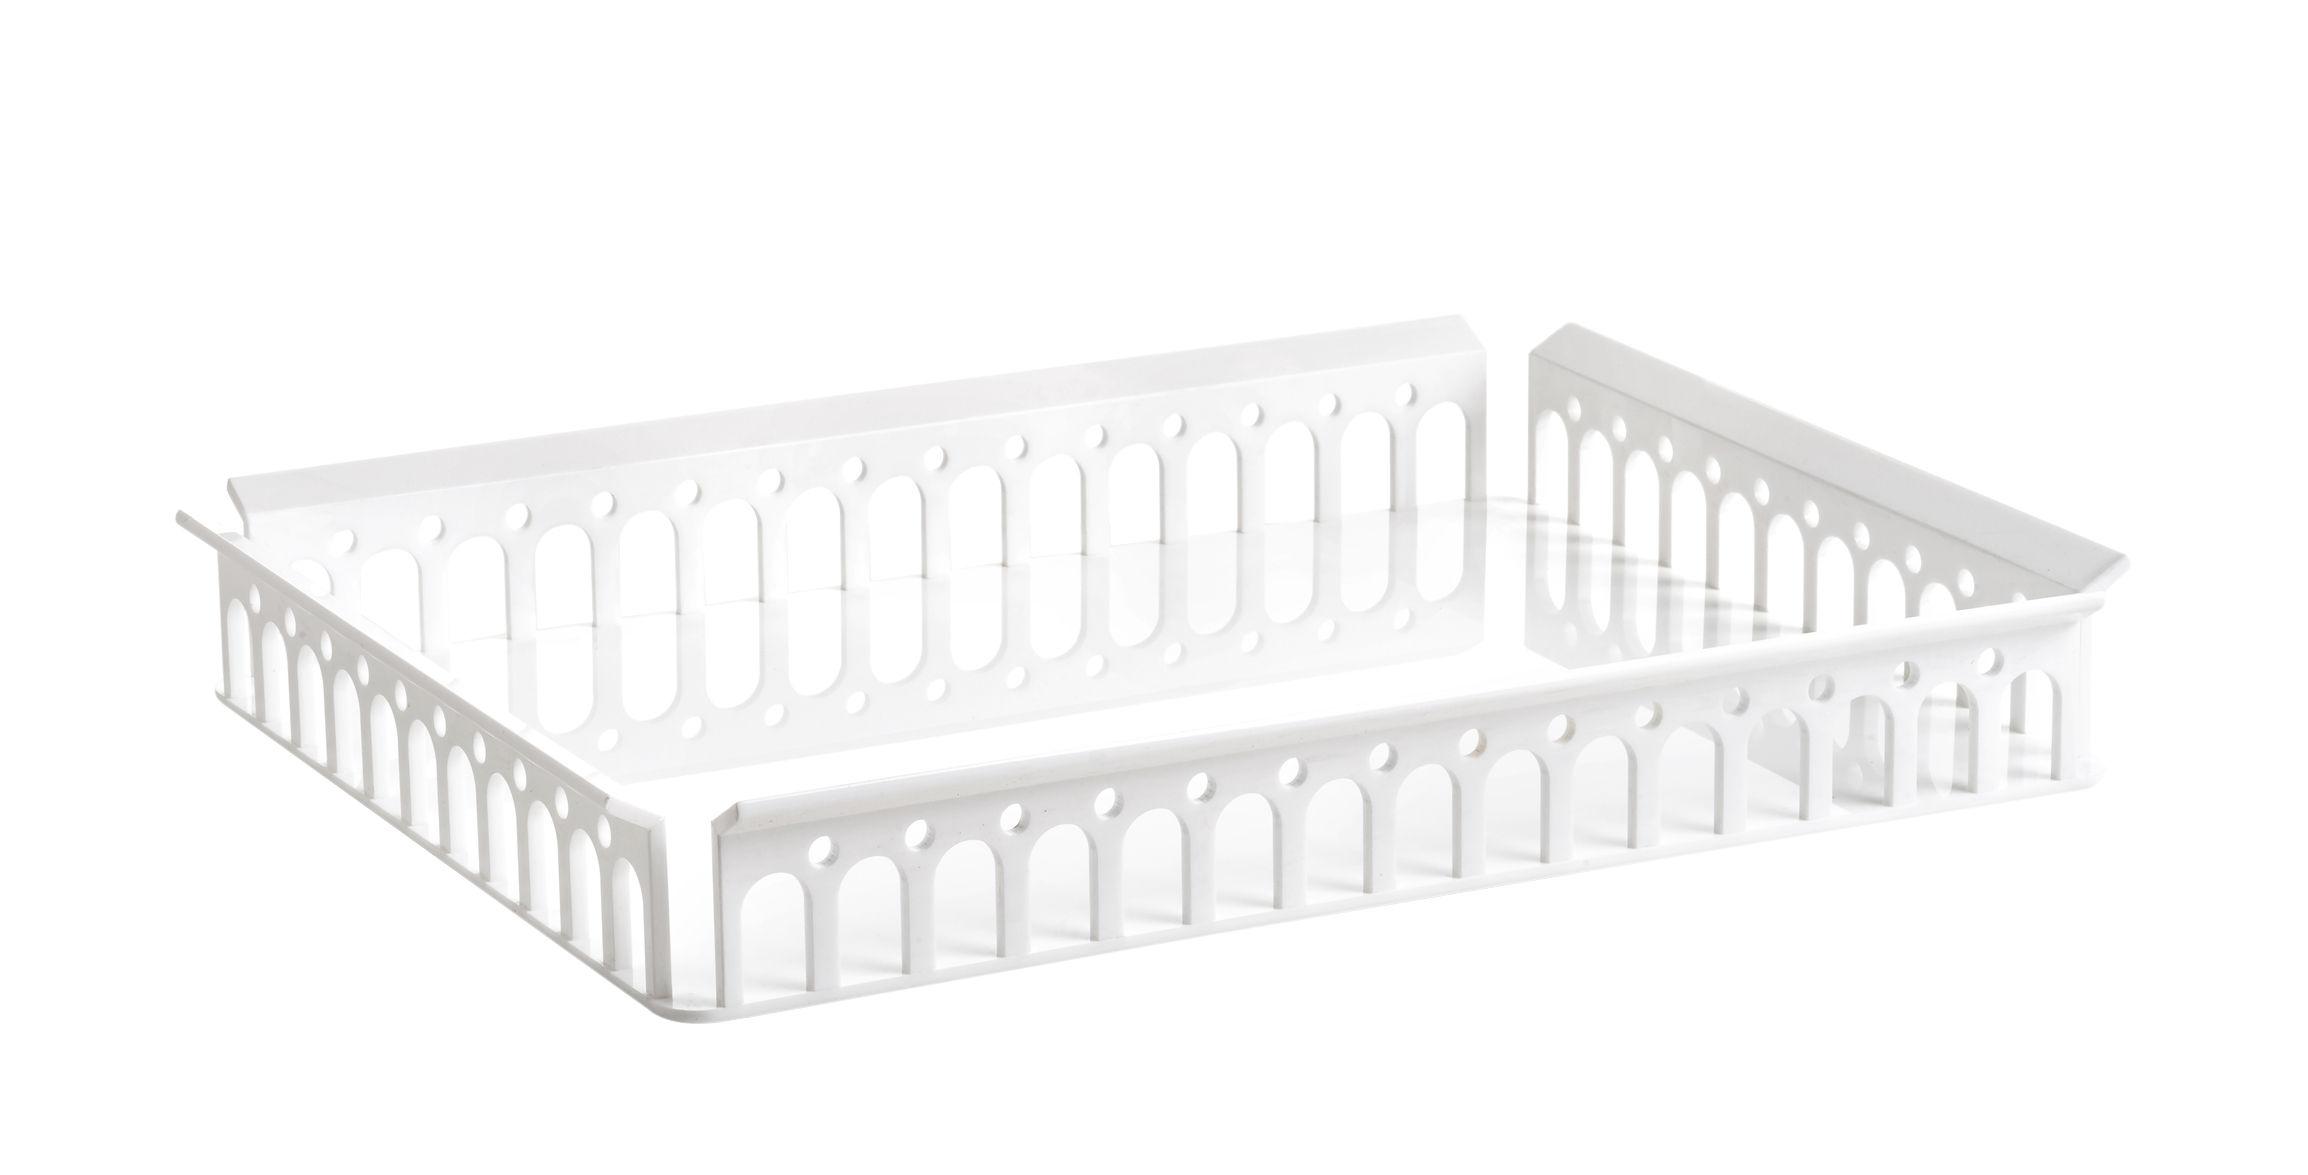 Tischkultur - Tabletts - Piazza Tablett / 48 x 37 cm - Kartell - Weiß - Technopolymère thermoplastique